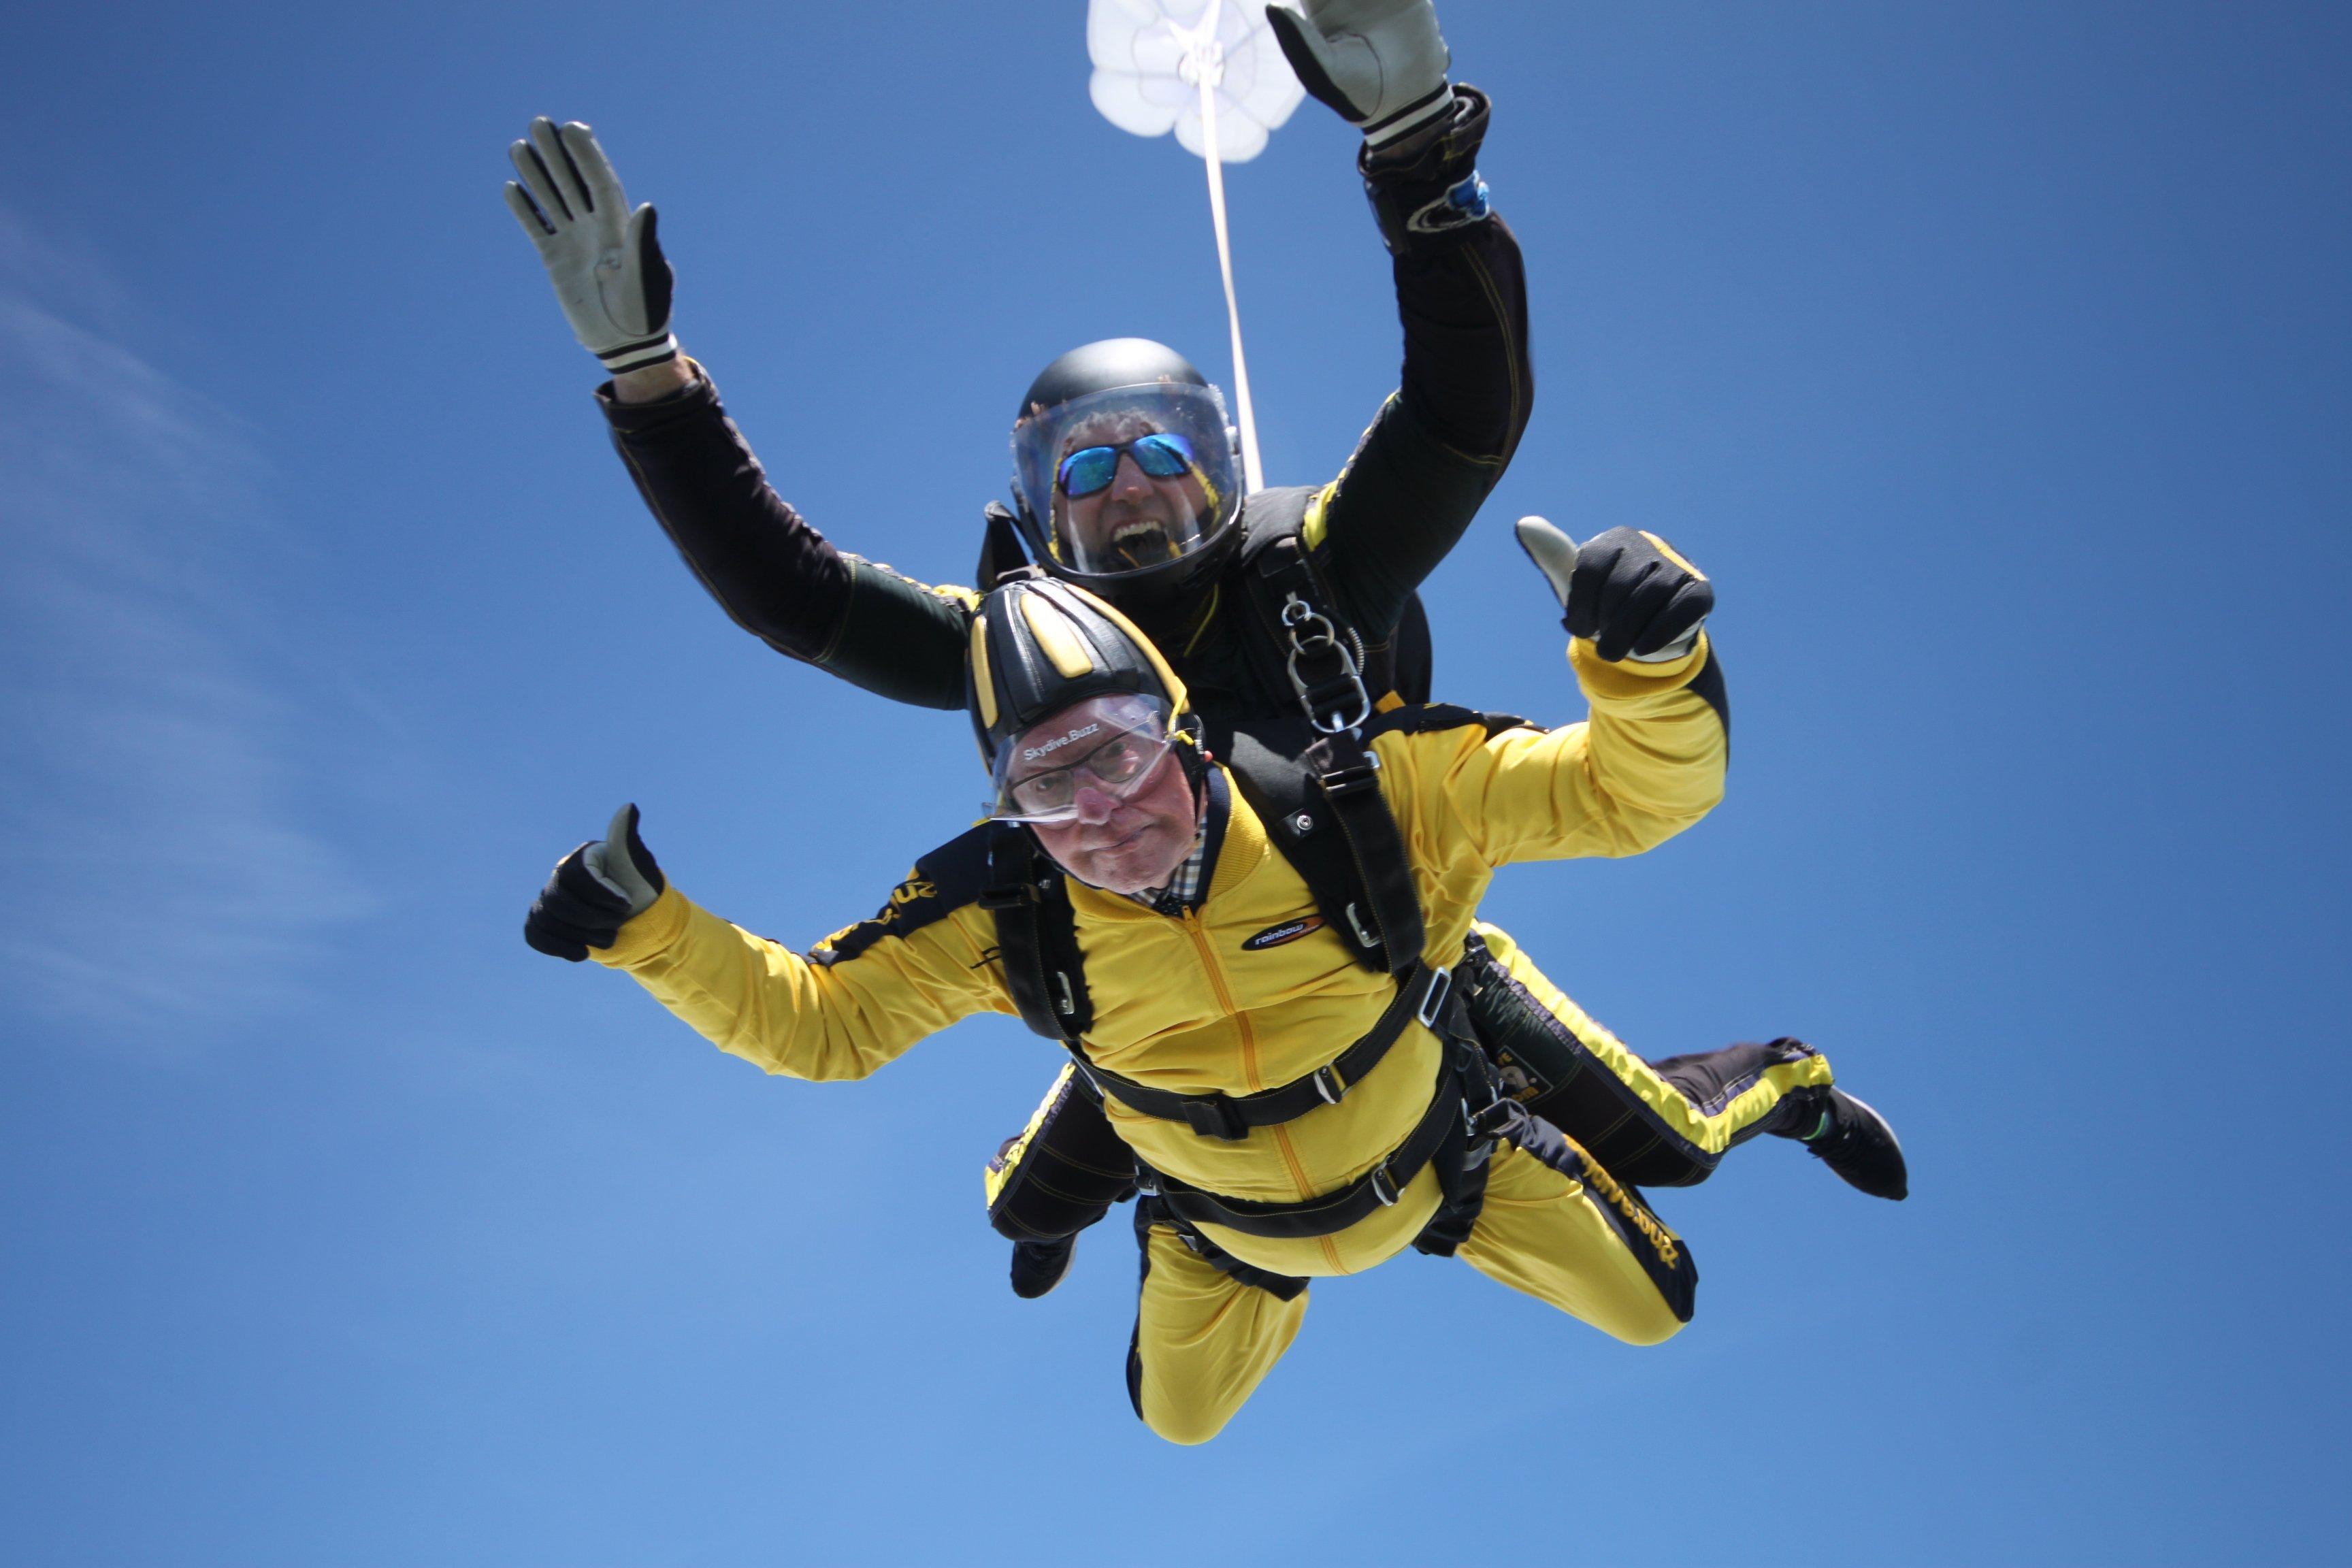 Skydiving grandma Irene OShea breaks record for worlds